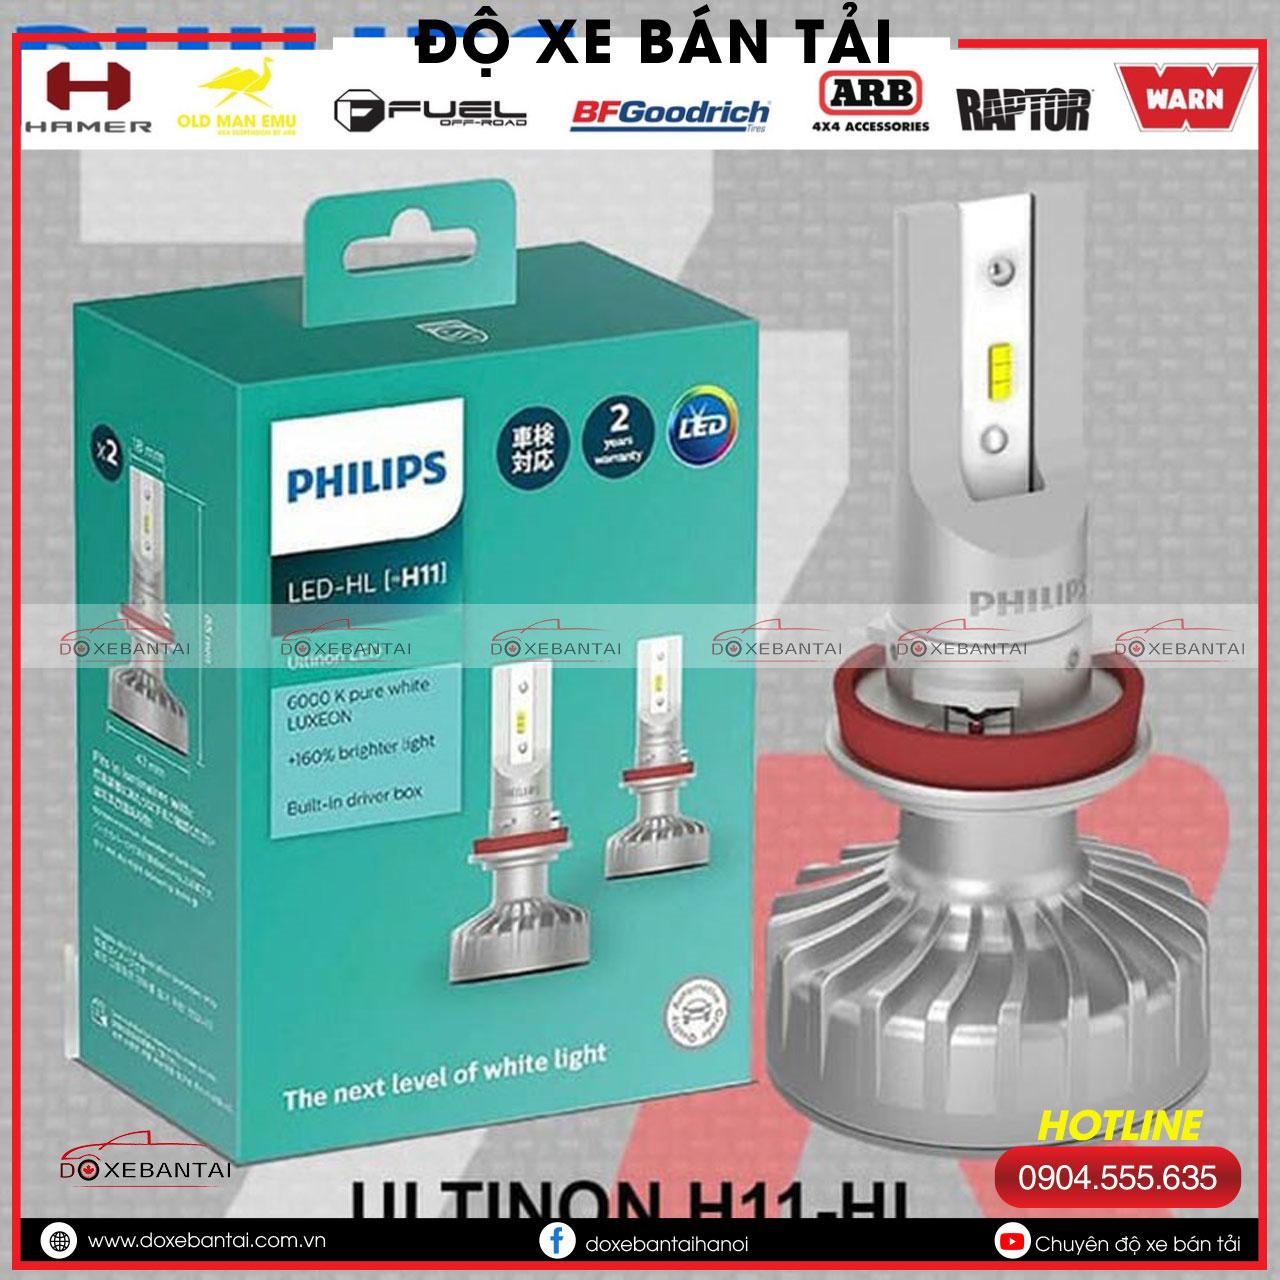 Bong-den-H11-Philips-Ultinon-LED-2.jpg